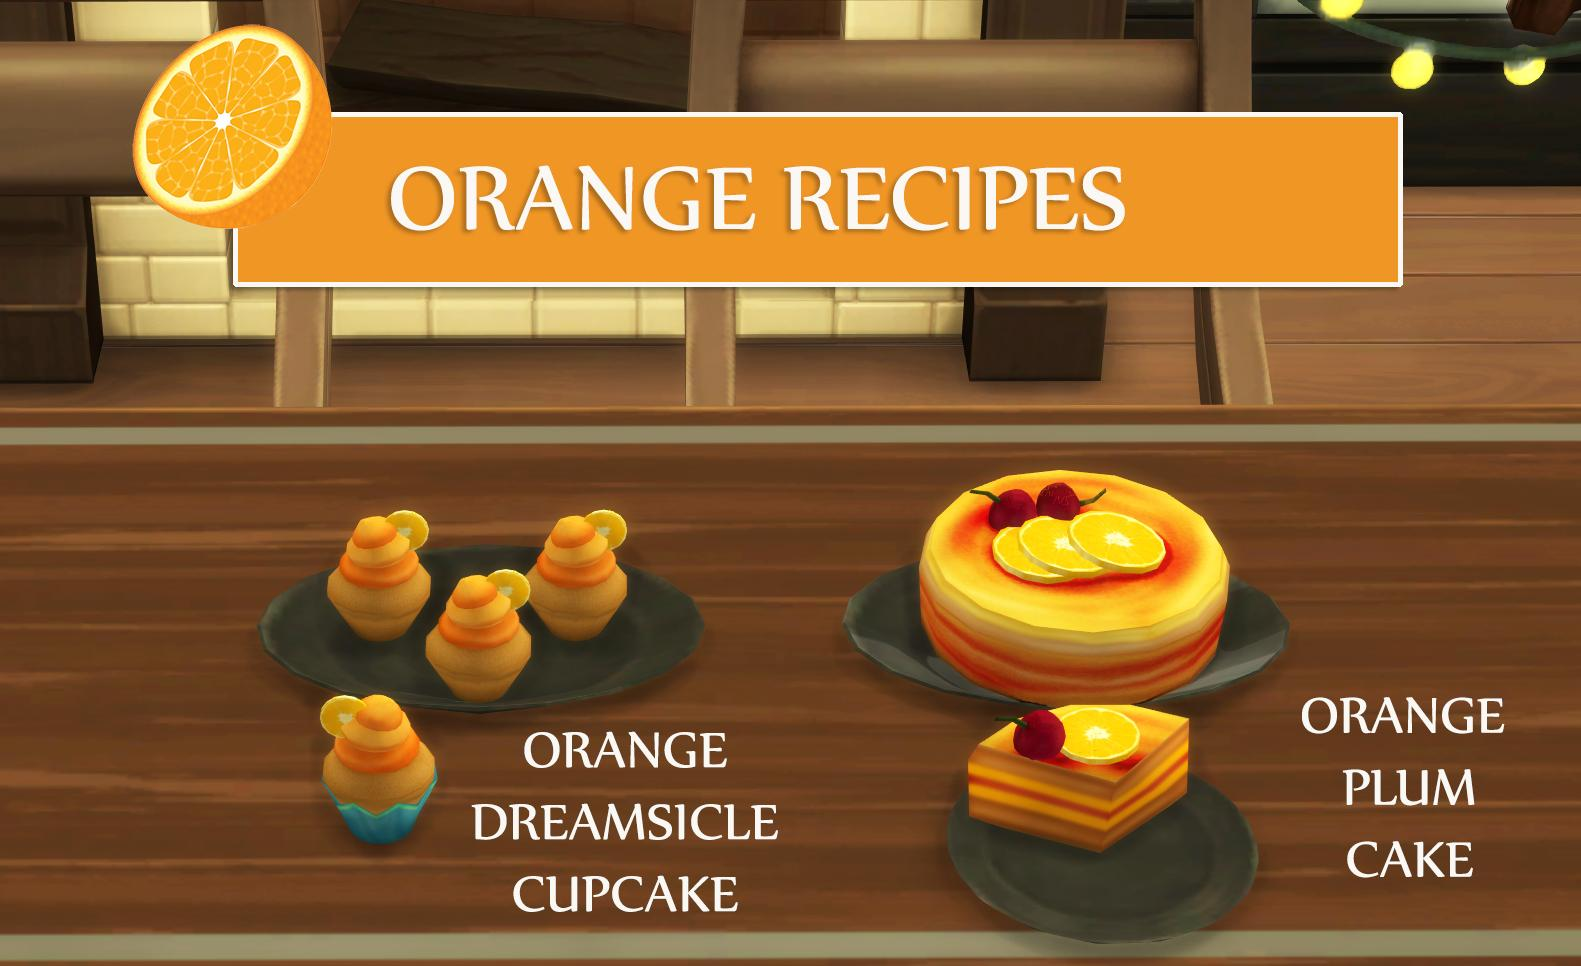 Orange Recipes - Orange Cupcake and Orange Plum Cake (Updated - 14.12.2019)